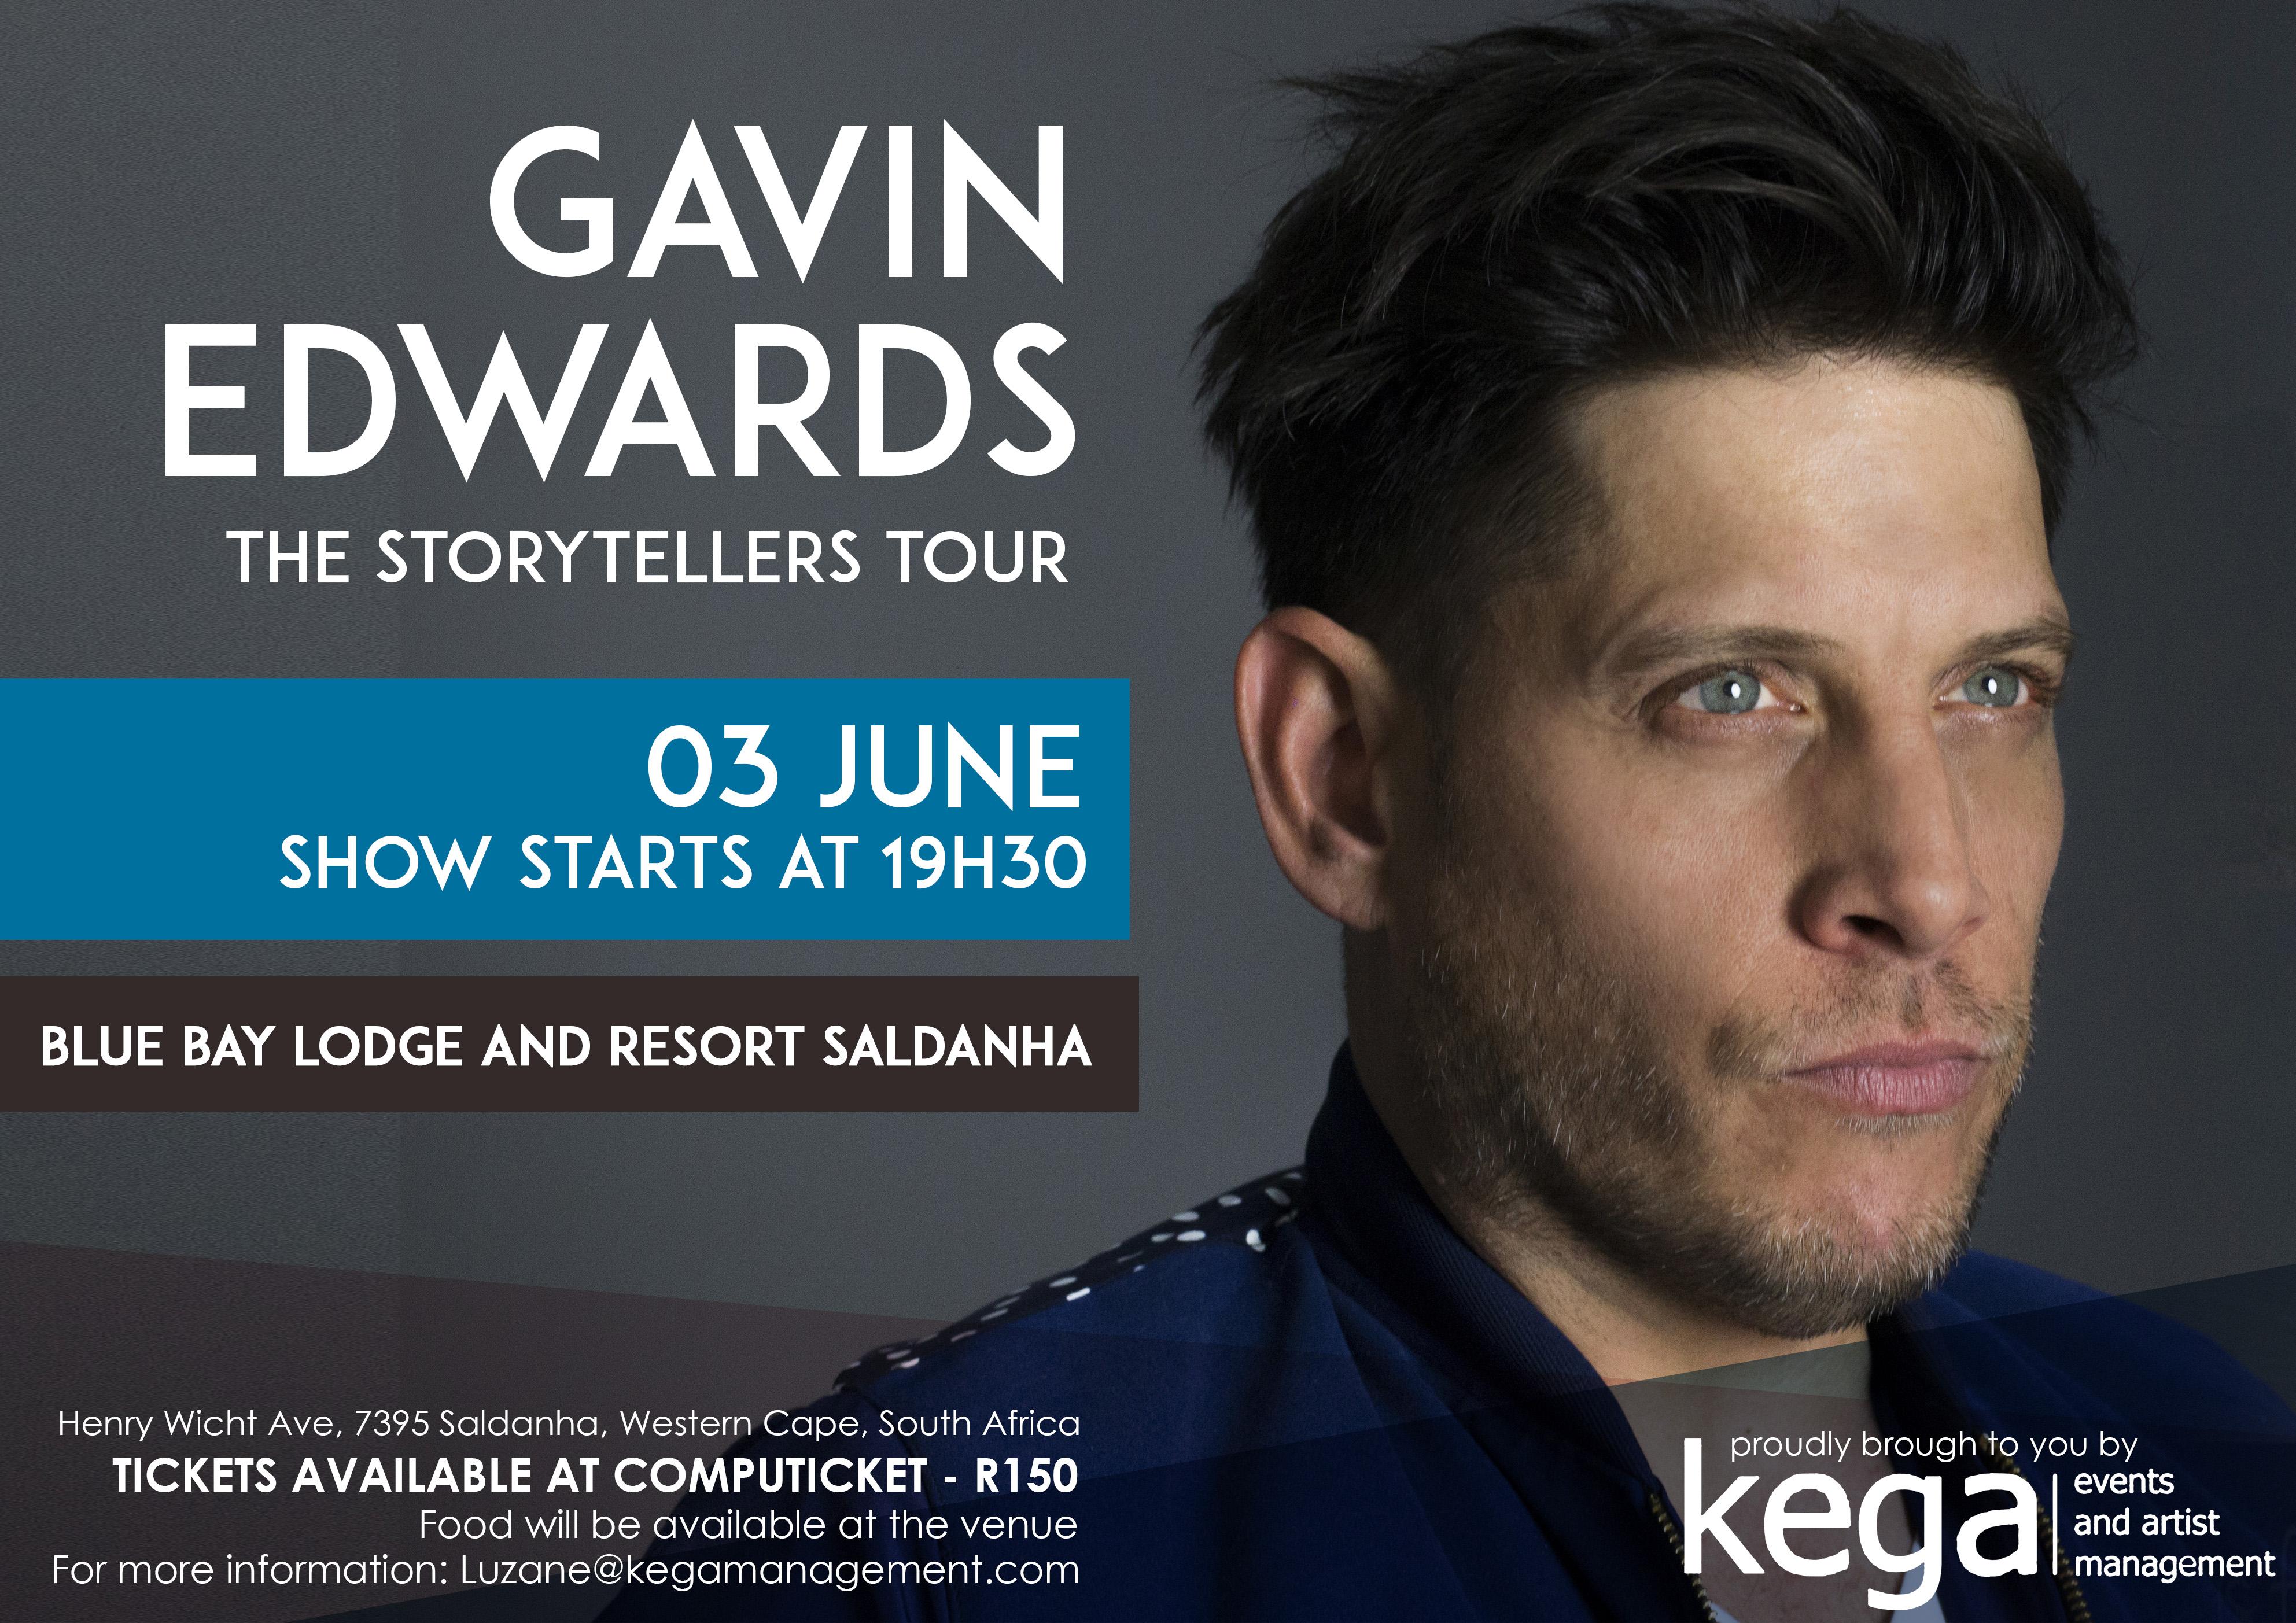 Gavin Edwards Storytellers tour